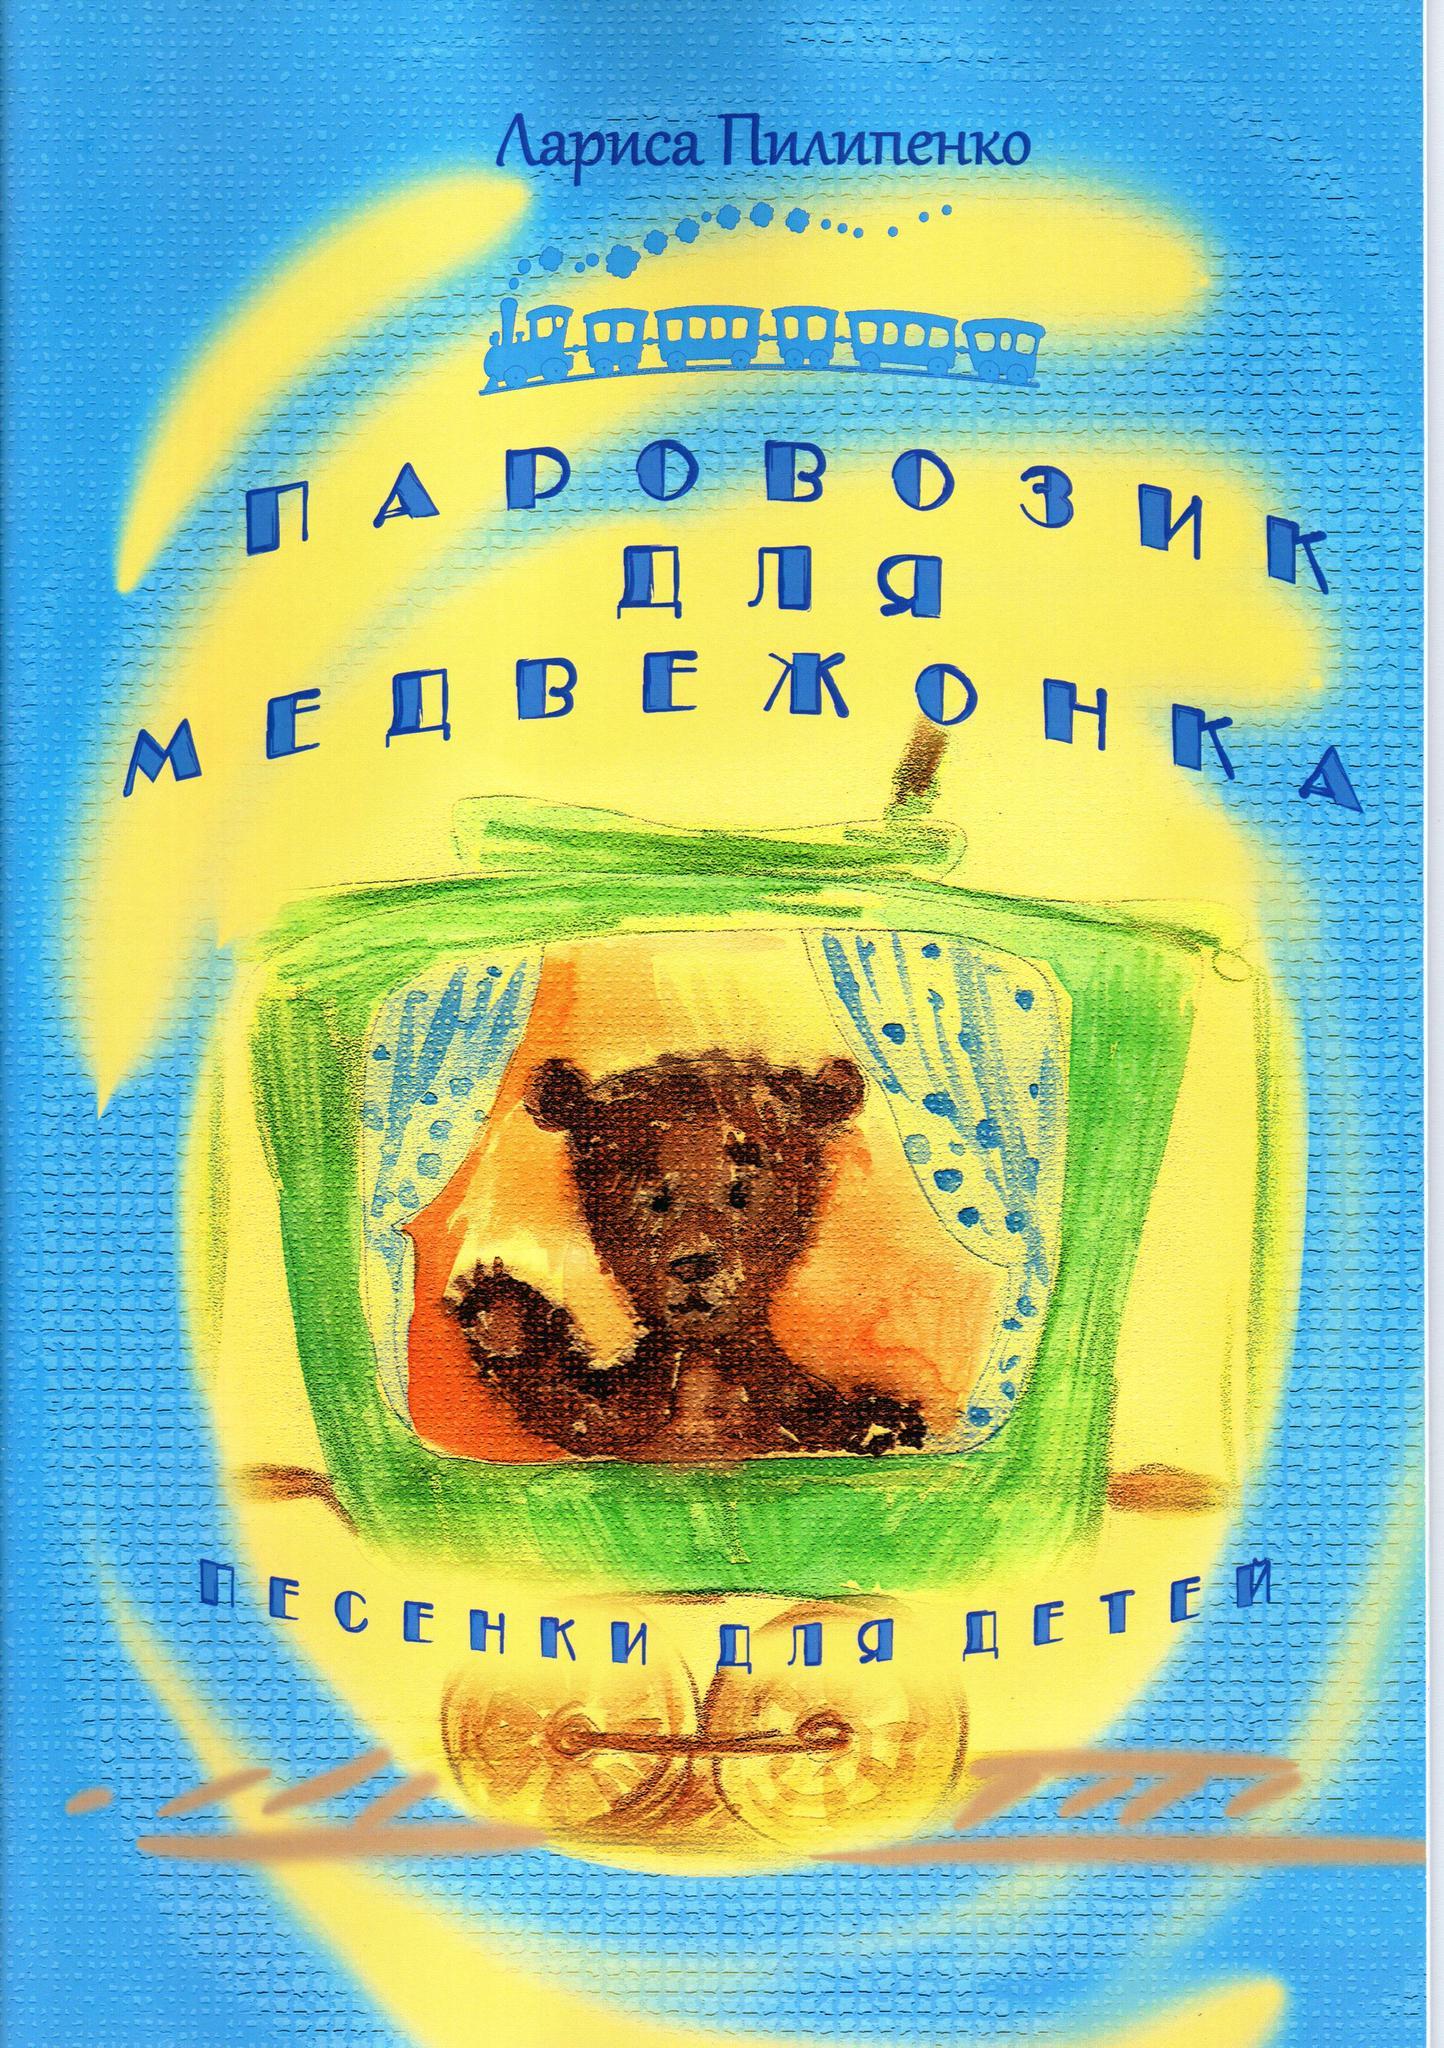 Л. Пилипенко. Паровозик для медвежонка. Сборник детских песен.